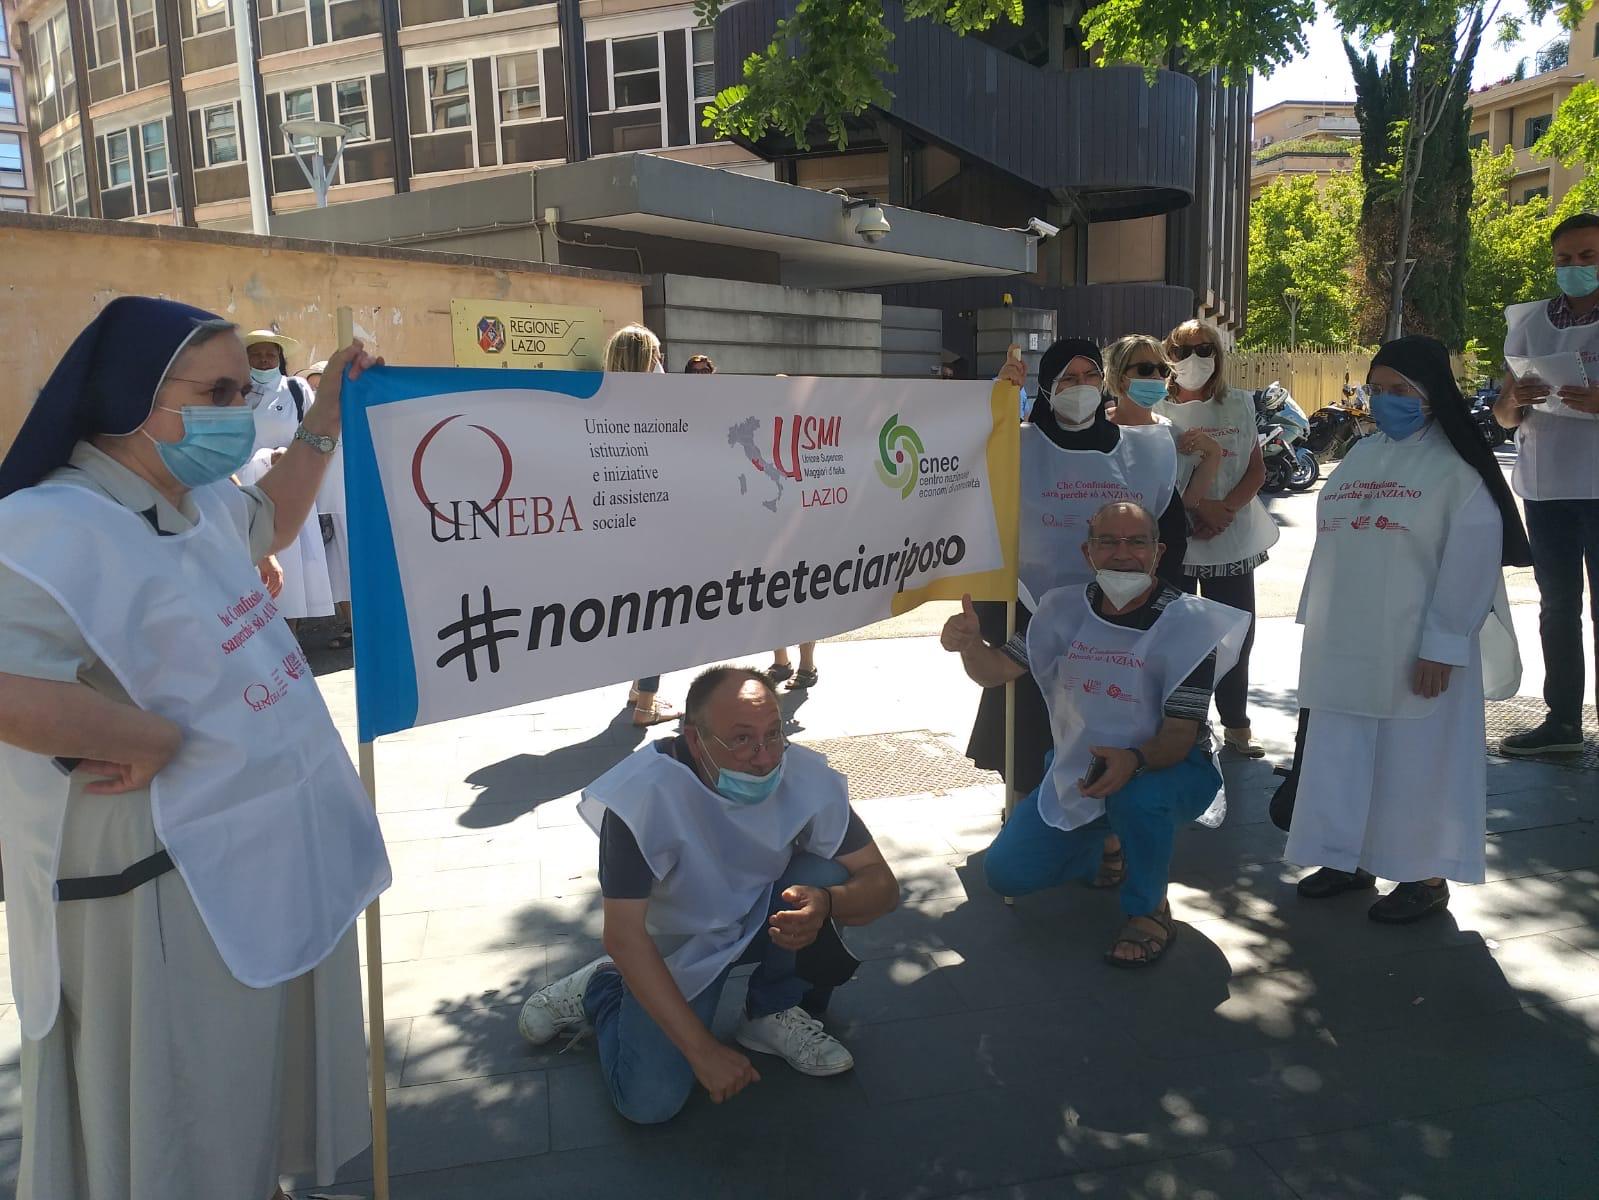 Lazio – Le richieste delle case di riposo alla Regione: successo del flash mob con Uneba